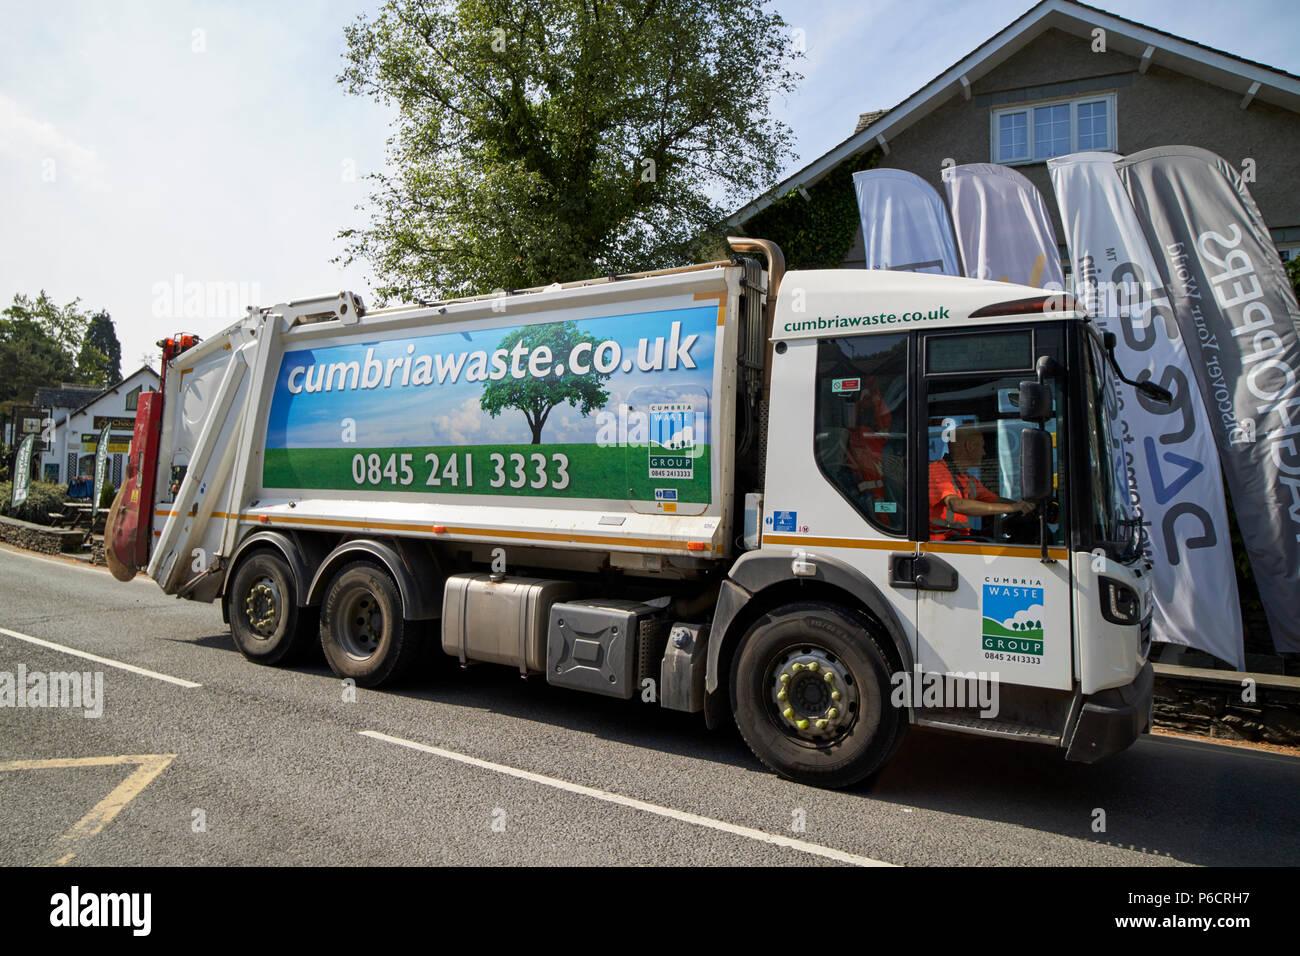 Cumbria residuos empresa privada con servicio de recolección bin en Grasmere Lake District cumbria Inglaterra Imagen De Stock